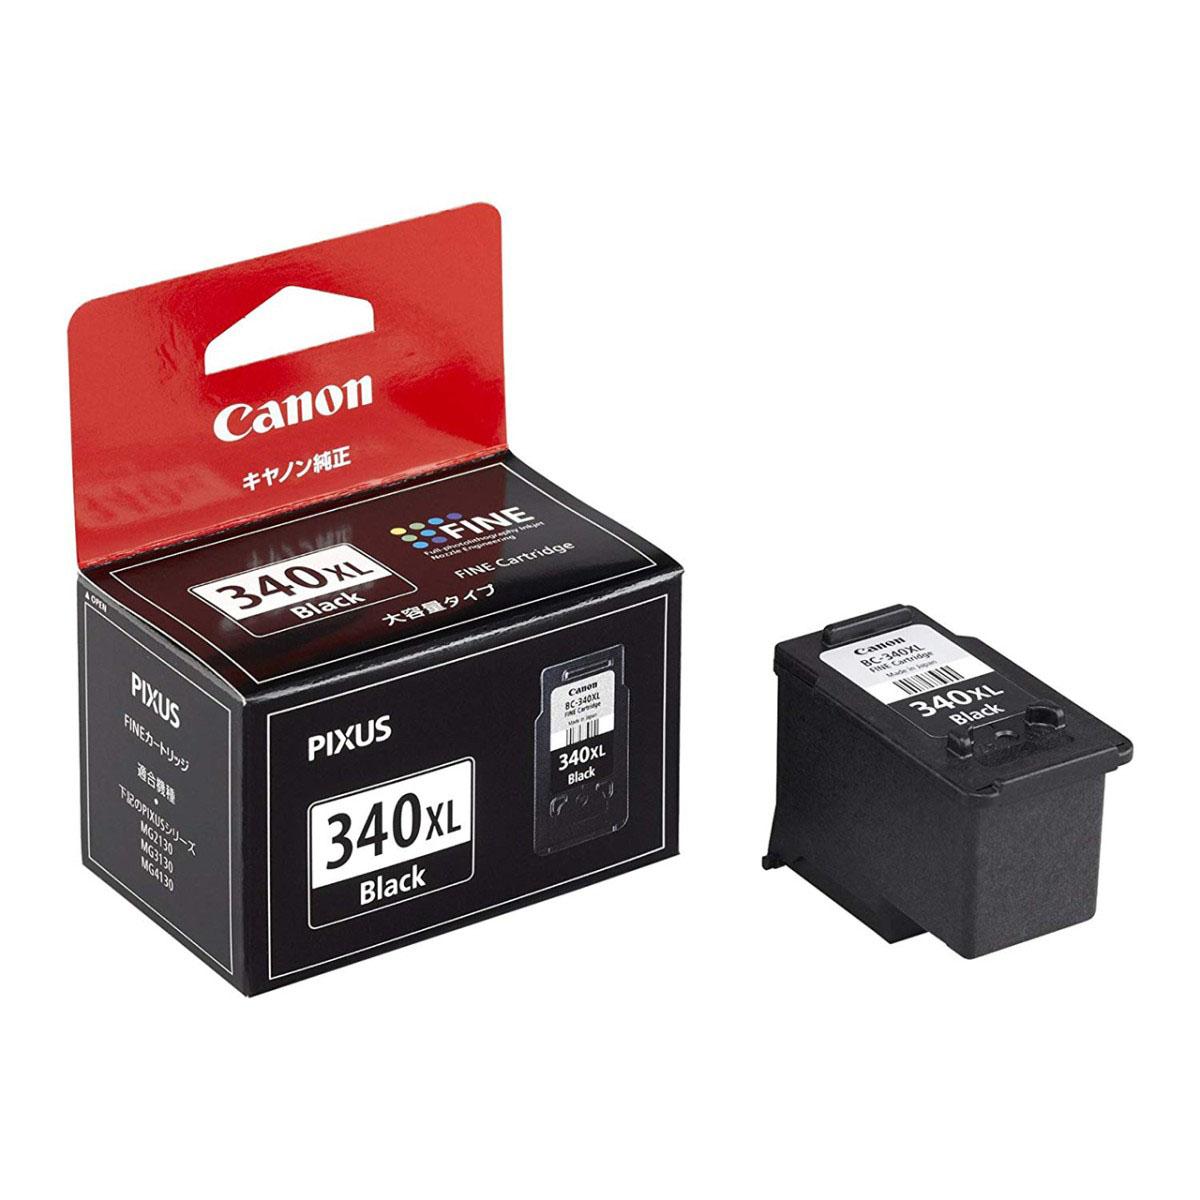 送料無料 まとめ割 2個セット キャノン 純正インク Canon ついに再販開始 大容量 通信販売 FINEカートリッジキヤノン ブラック BC-340XL